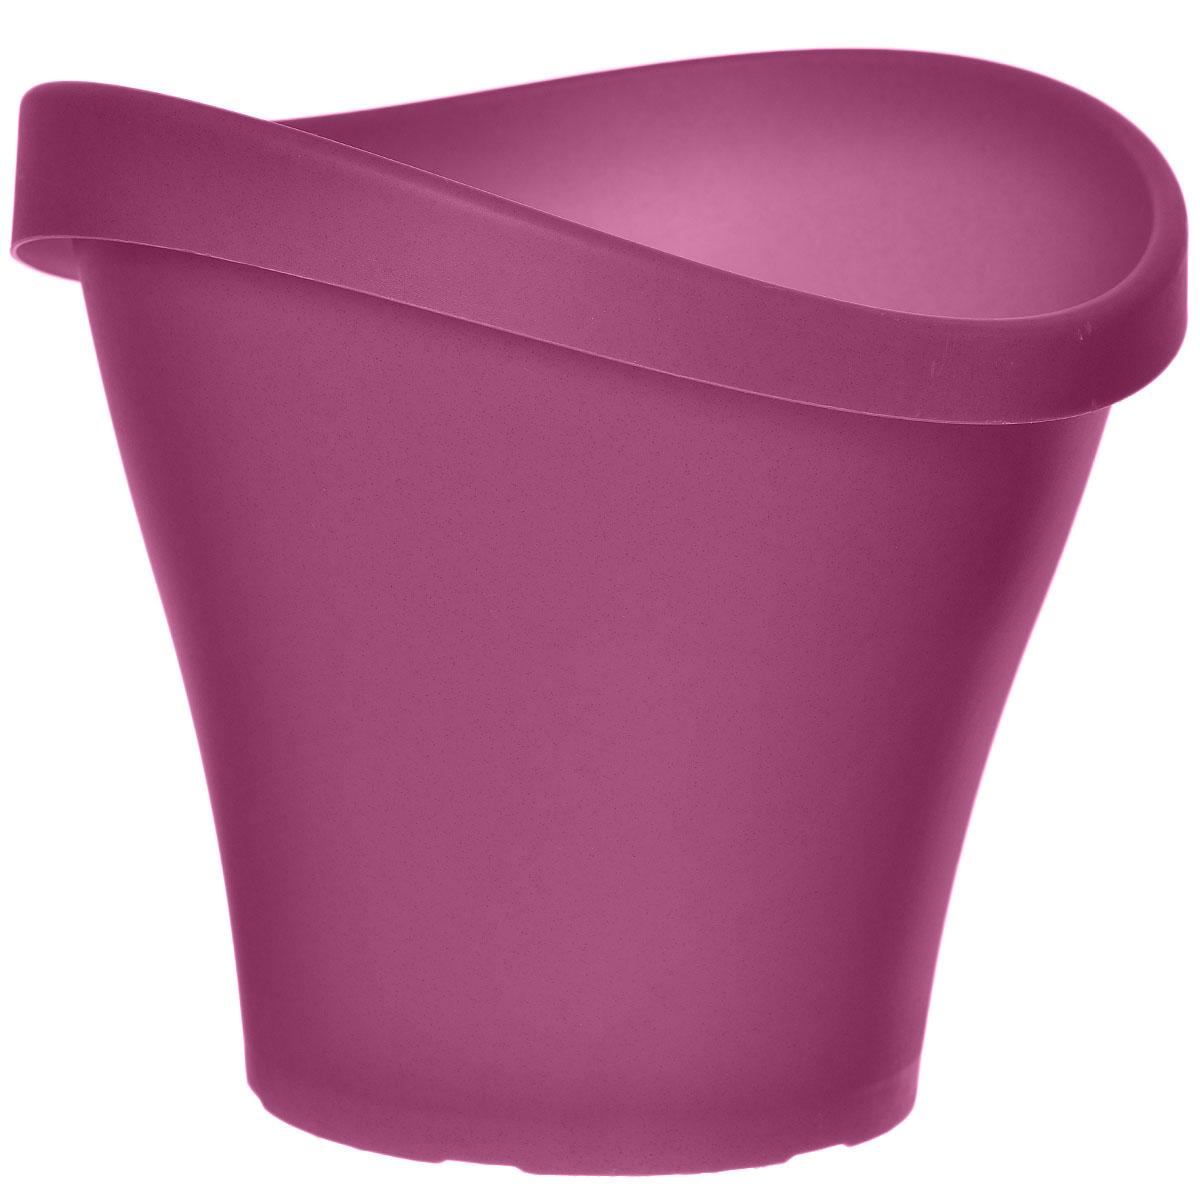 Кашпо для цветов Scheurich, цвет: натуральный рубиновый, 10 л53075SКашпо для цветов Scheurich выполнено из прочного пластика. Изделие предназначено для установки внутрь цветочных горшков с растениями.Такие изделия часто становятся последним штрихом, который совершенно изменяет интерьер помещения или ландшафтный дизайн сада. Благодаря такому кашпо вы сможете украсить вашу комнату, офис, сад и другие места.Размер: 33 см х 33 см х 30 см.Объем: 10 л.